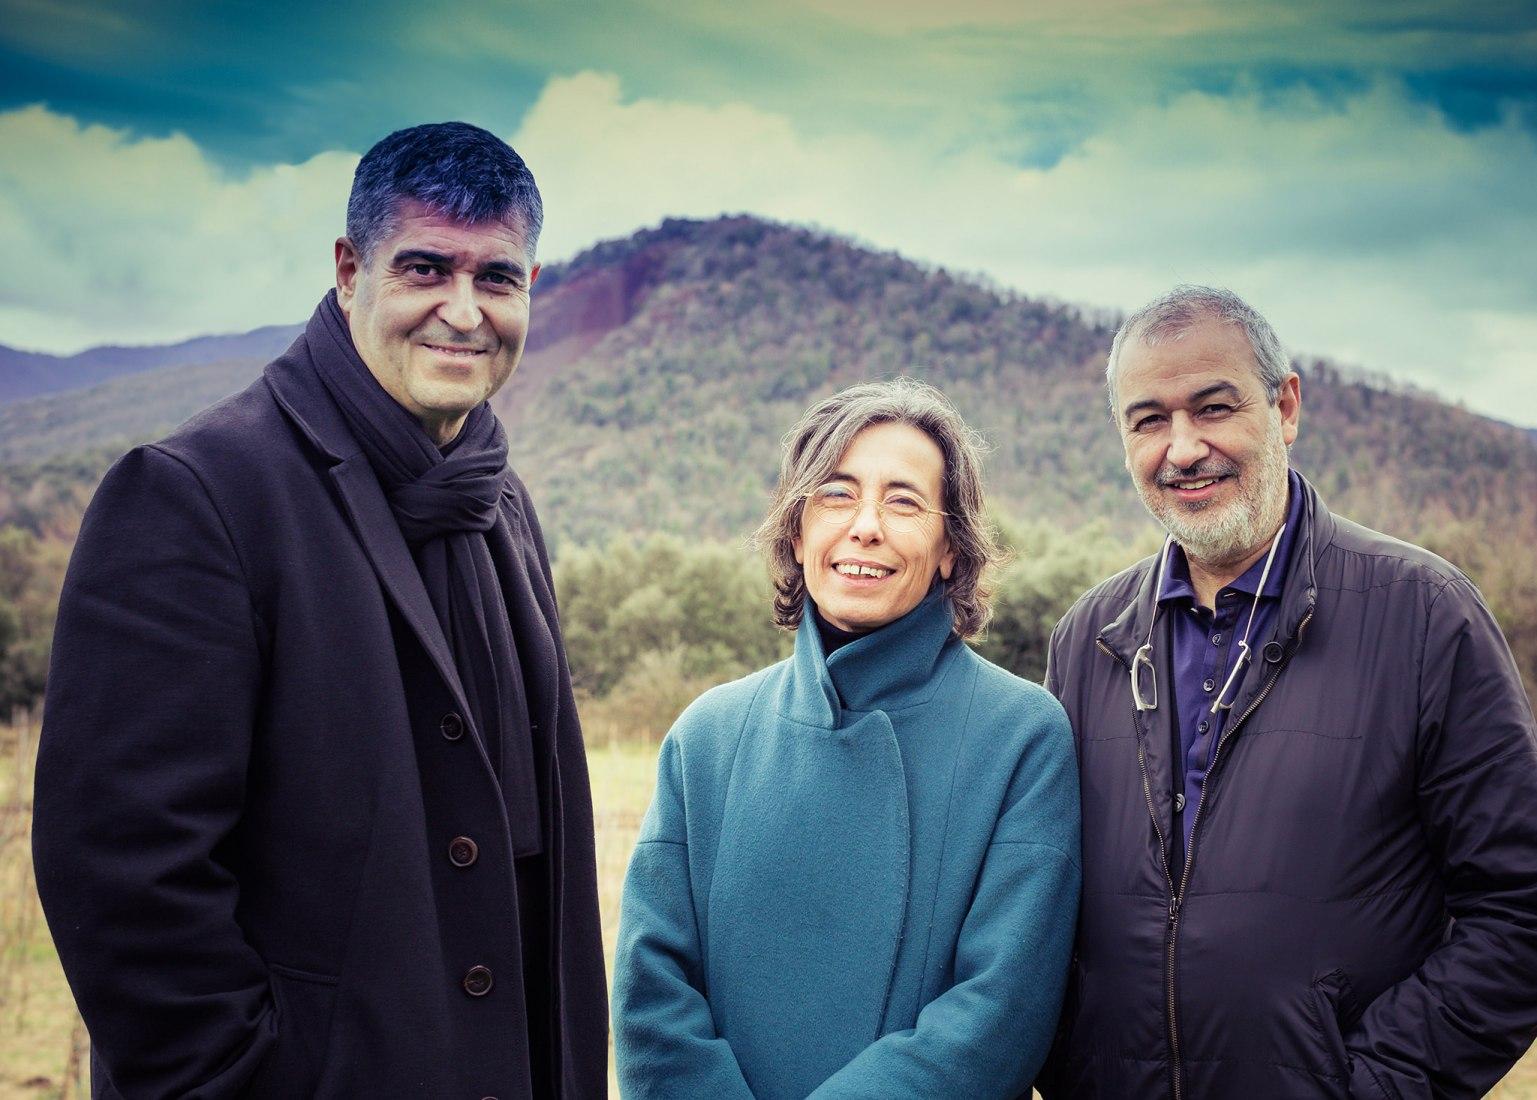 Rafael Aranda, Carme Pigem y Ramon Vilalta, Ganadores del Premio Pritzker de Arquitectura 2017. Imagen © Javier Lorenzo Domínguez. Cortesía del Premio Pritzker de Arquitectura.